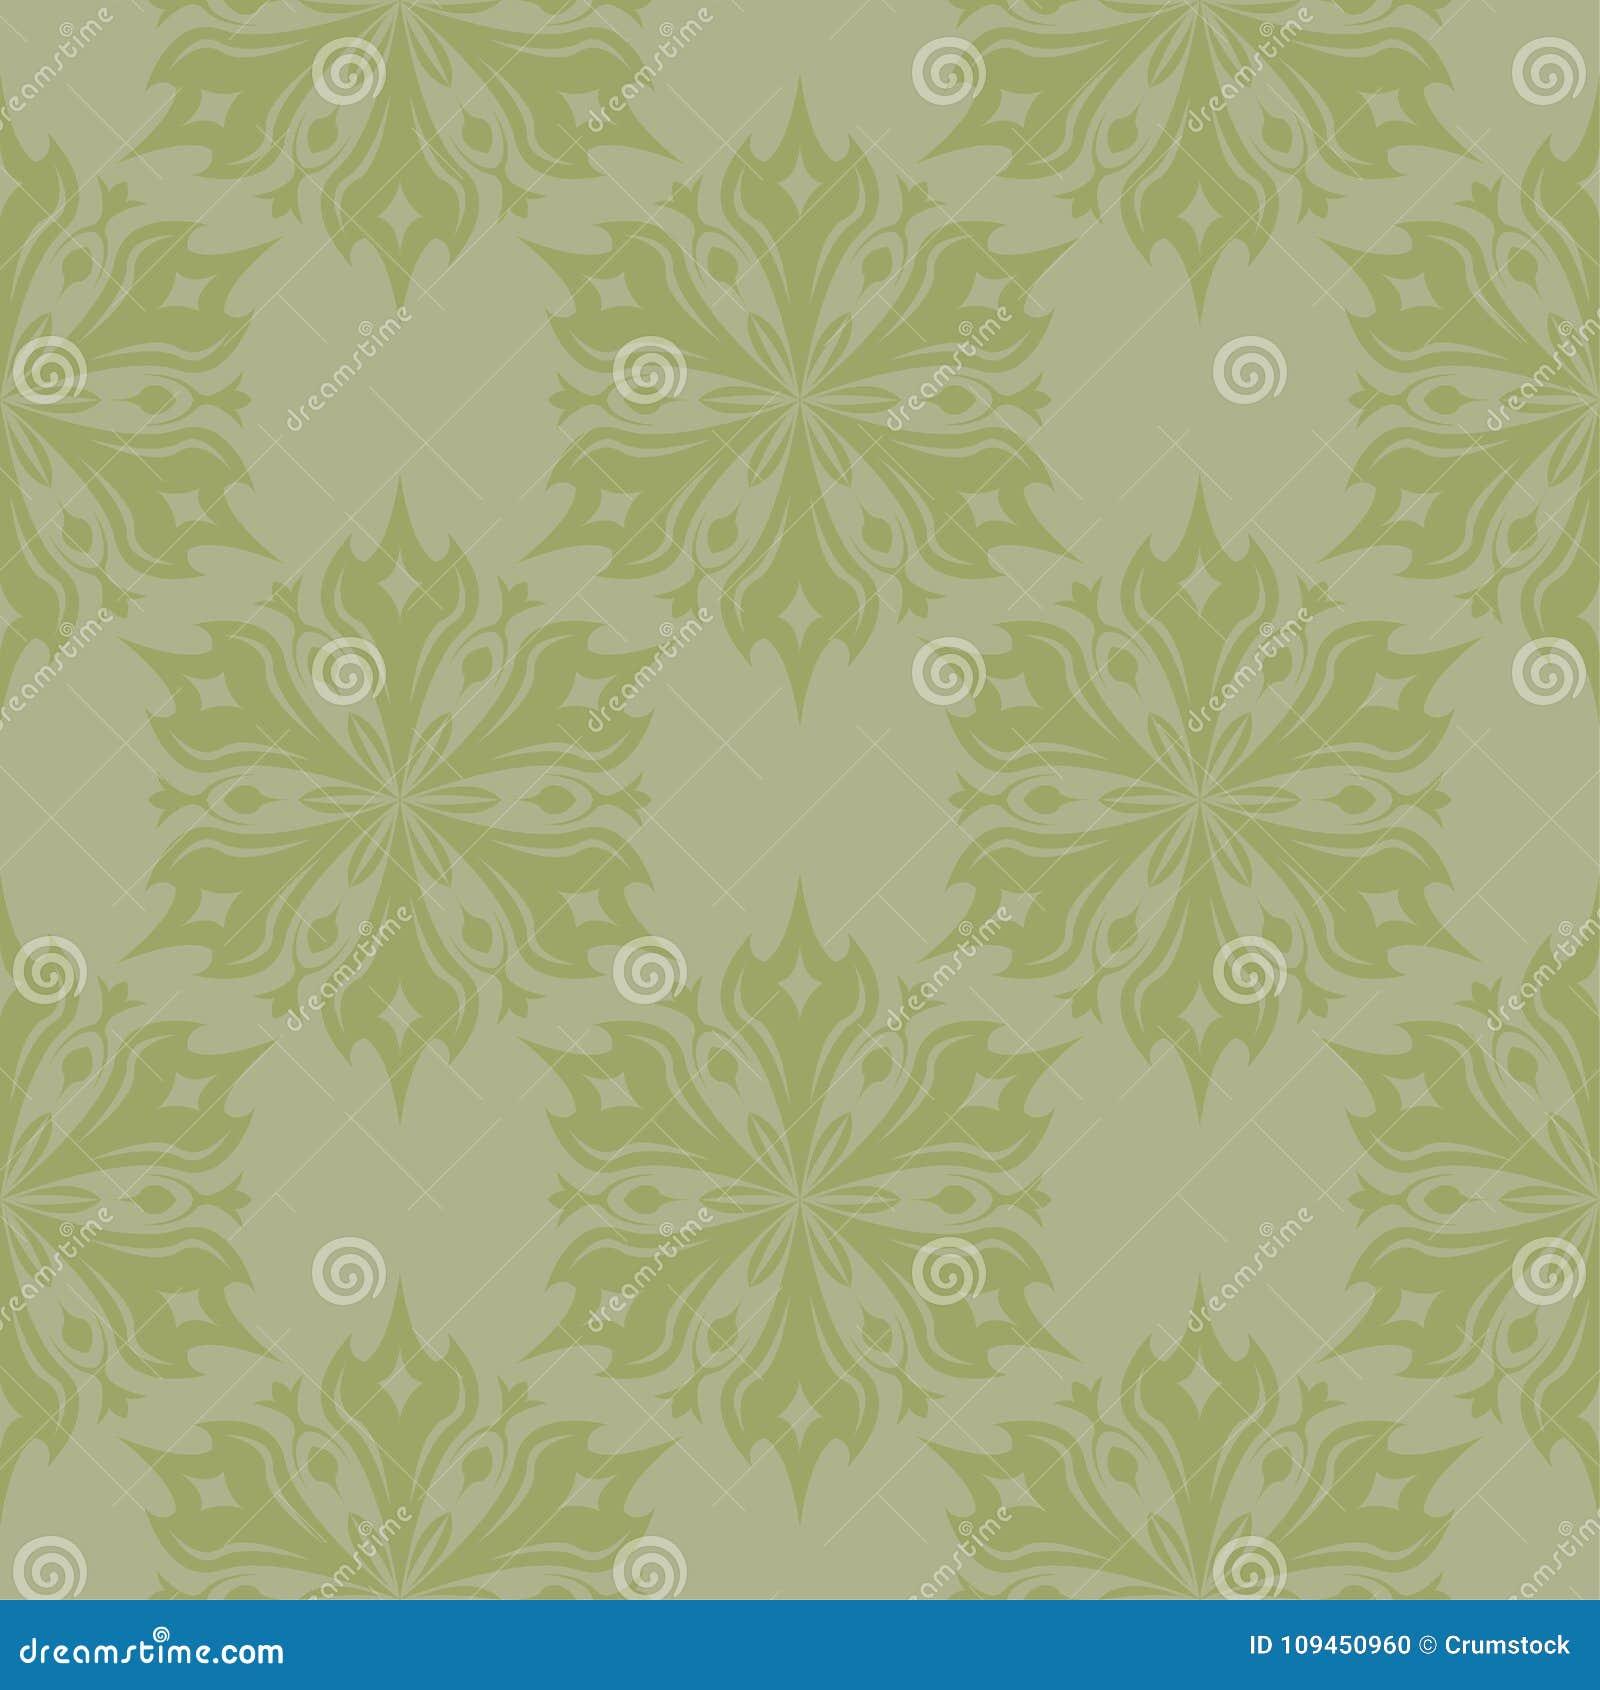 Картина прованского зеленого цвета флористическая безшовная